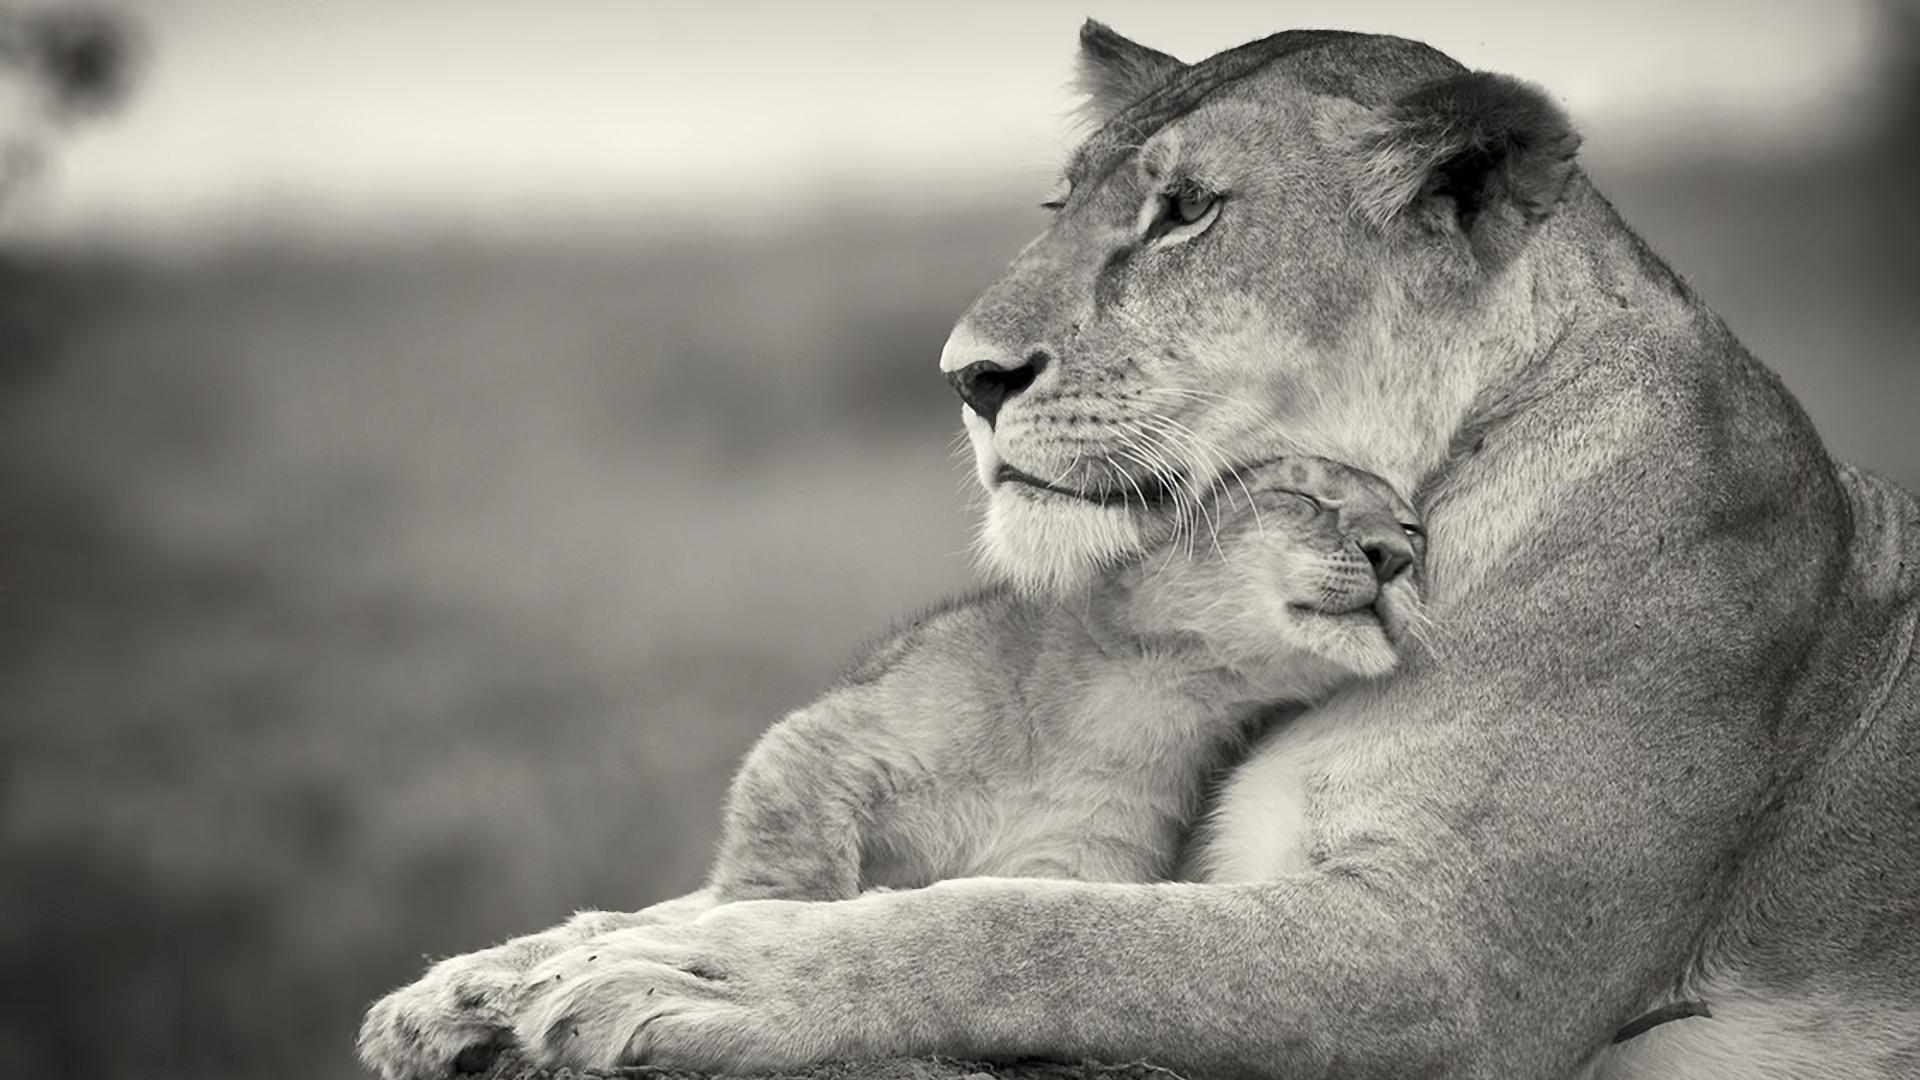 Mother's Love HD desktop wallpaper : Widescreen : High Definition ...